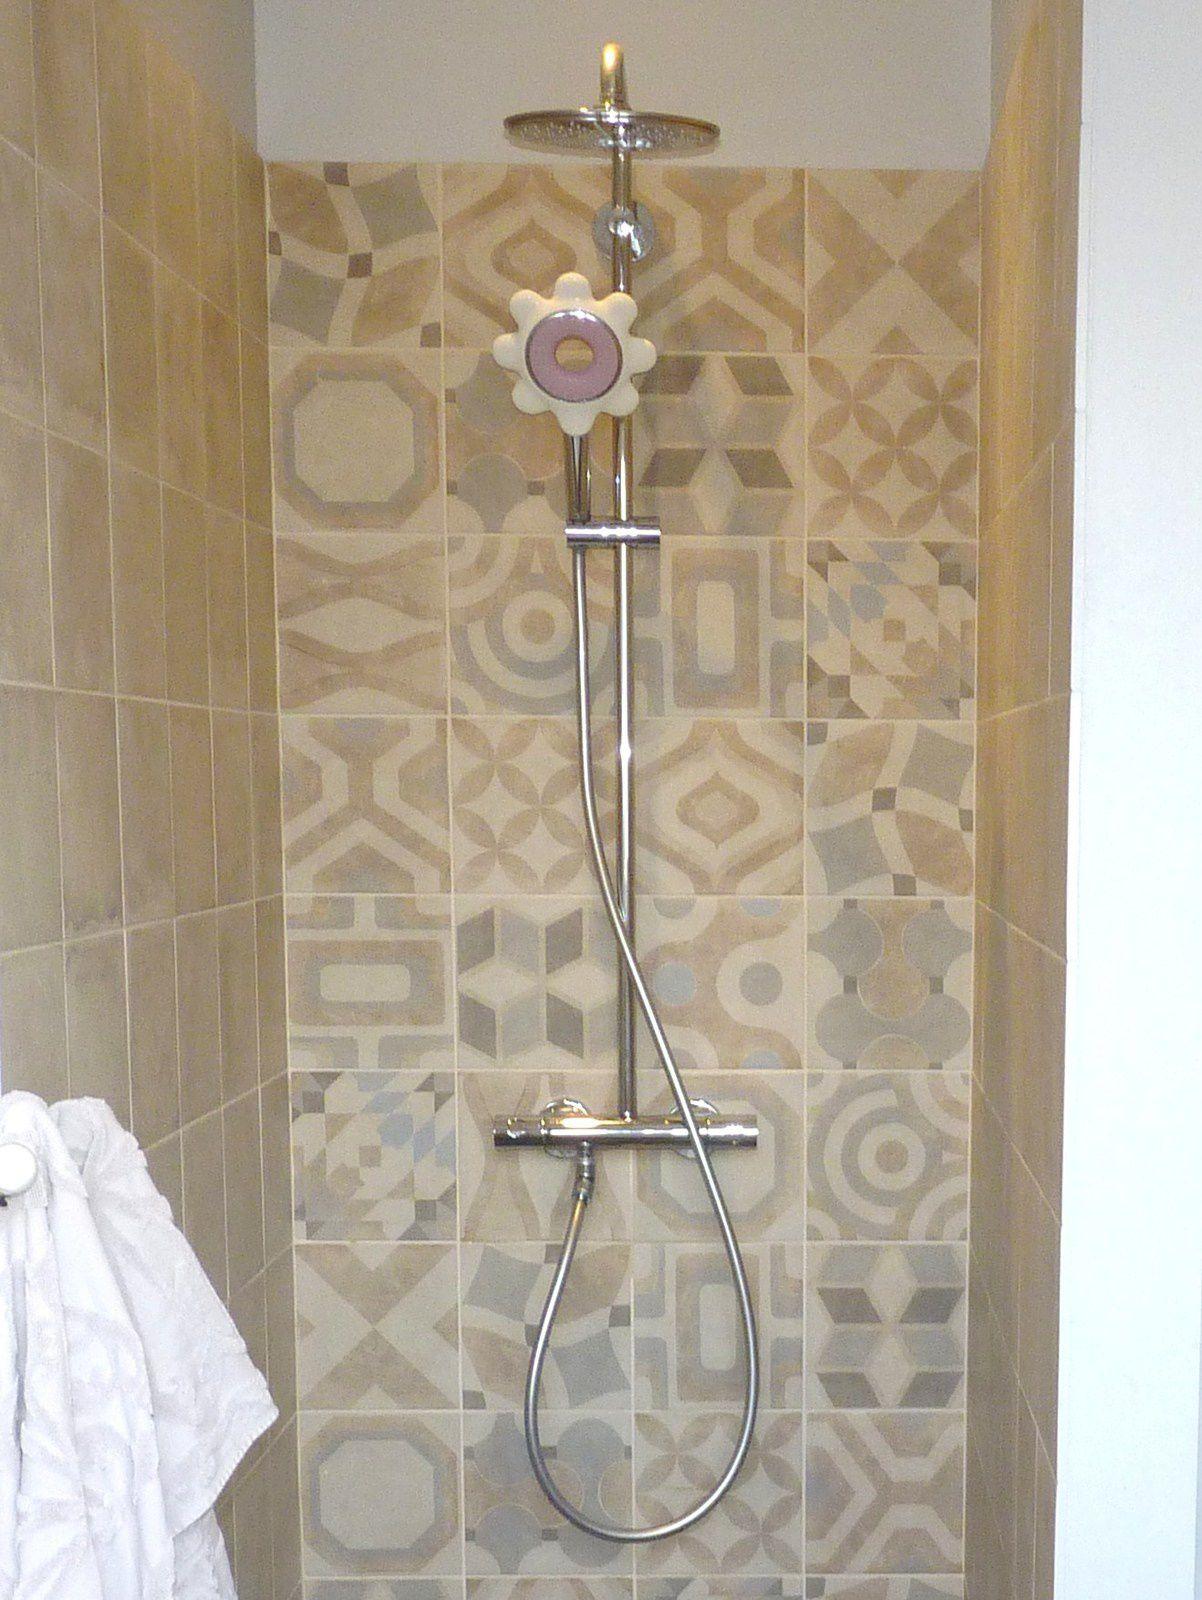 ma nouvelle salle de bains carreaux de ciment et robinets grohe promo isi sanitaire fashion maman. Black Bedroom Furniture Sets. Home Design Ideas